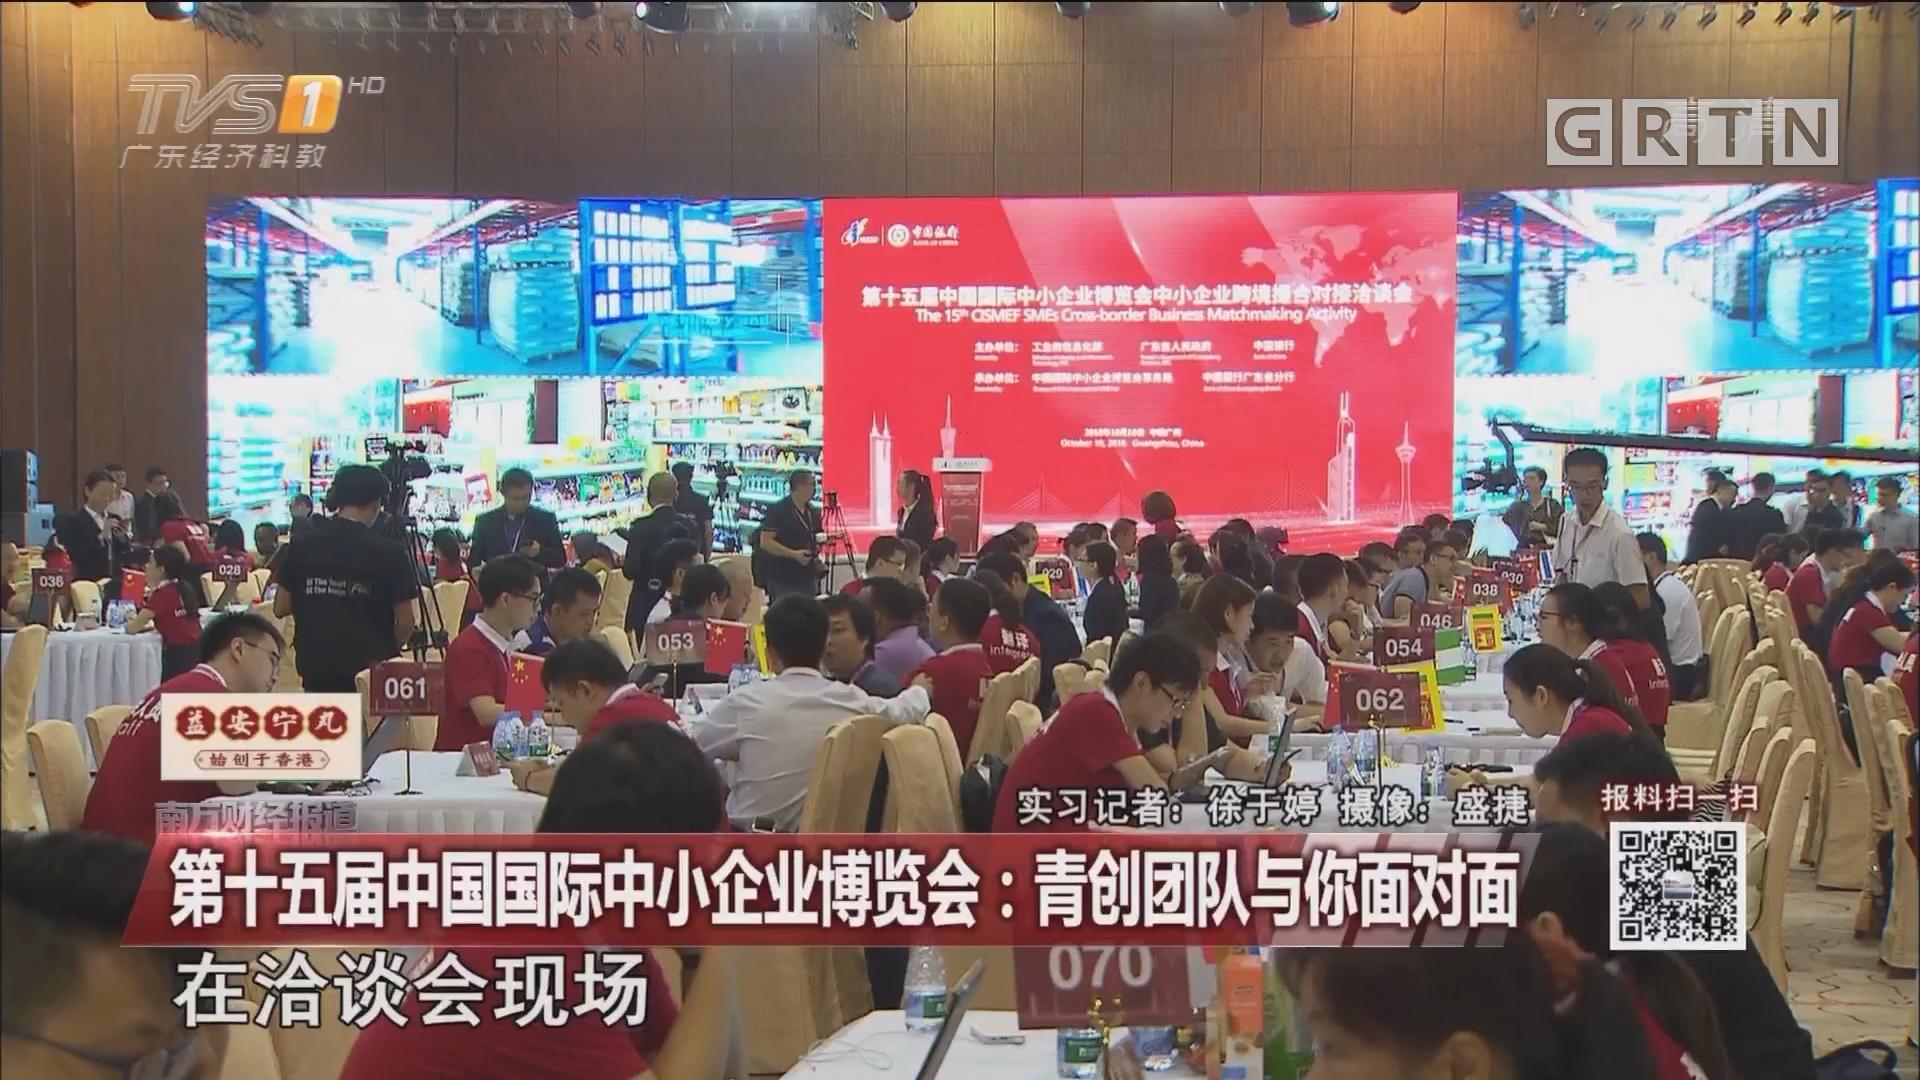 第十五届中国国际中小企业博览会:青创团队与你面对面